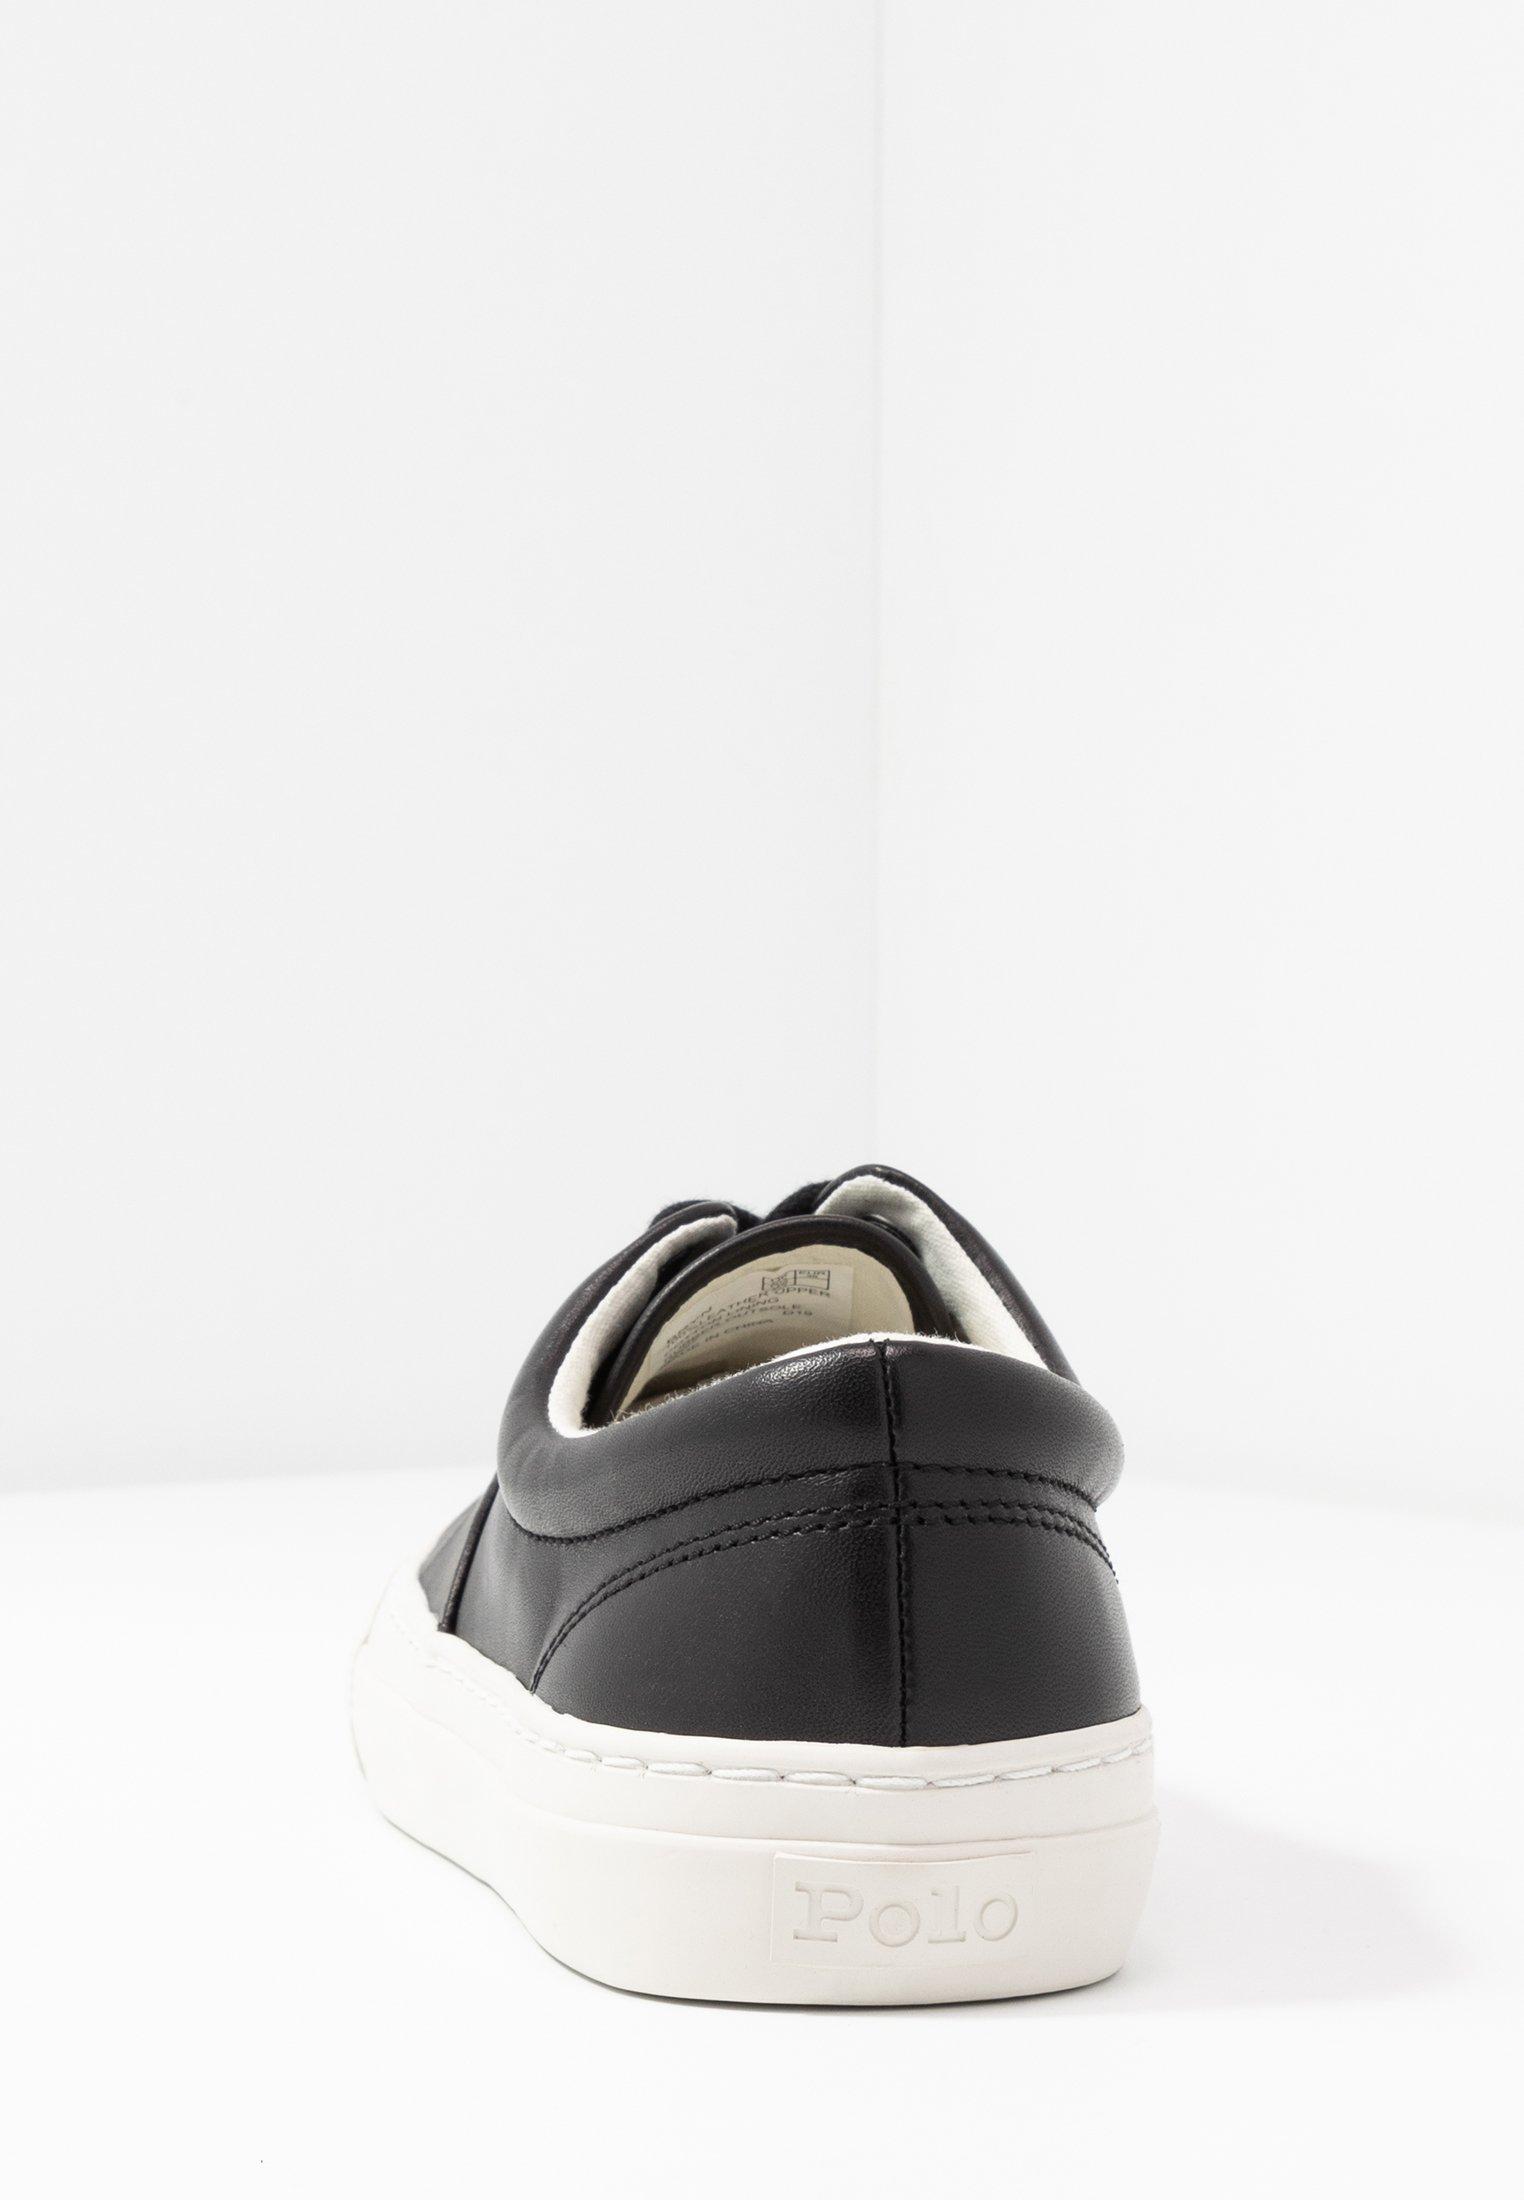 Polo Ralph Lauren Bryn - Sneakers Black